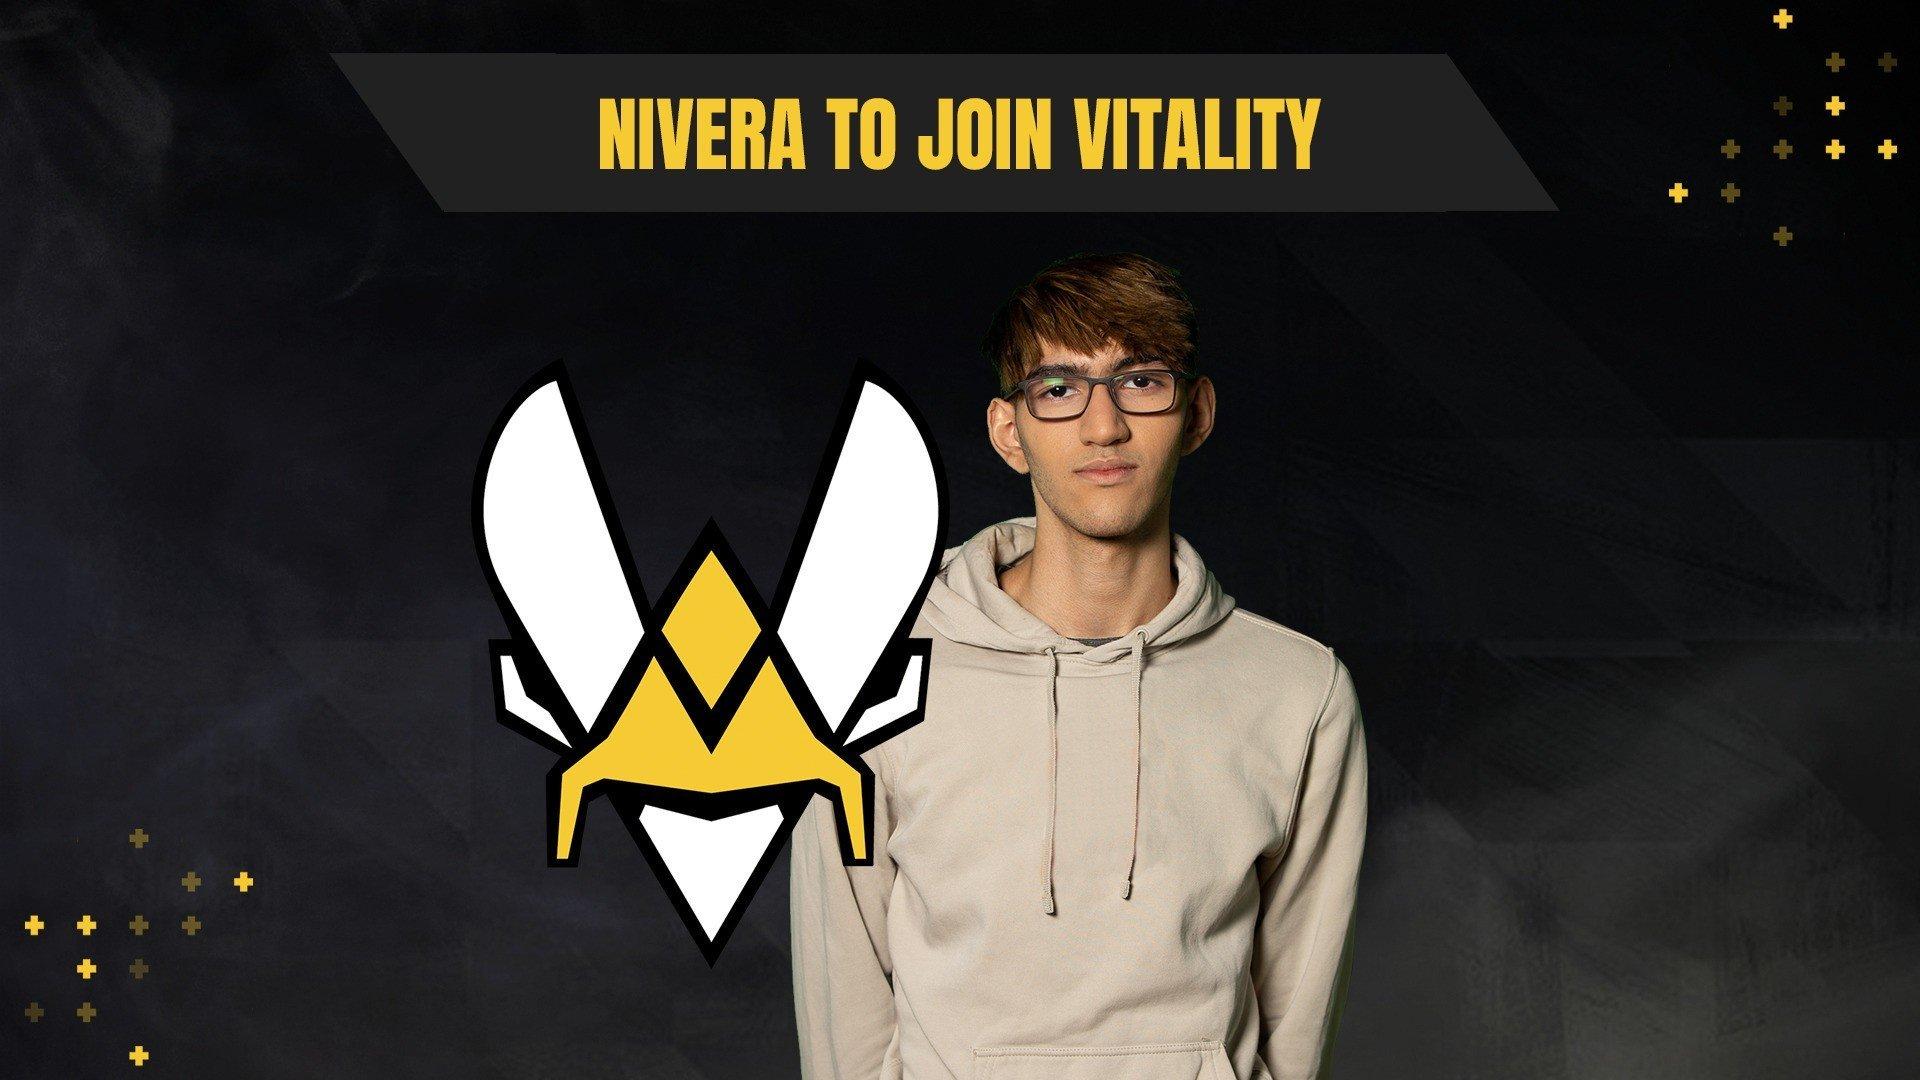 Слухи Team Vitality перевела Nivera в глубокий запас